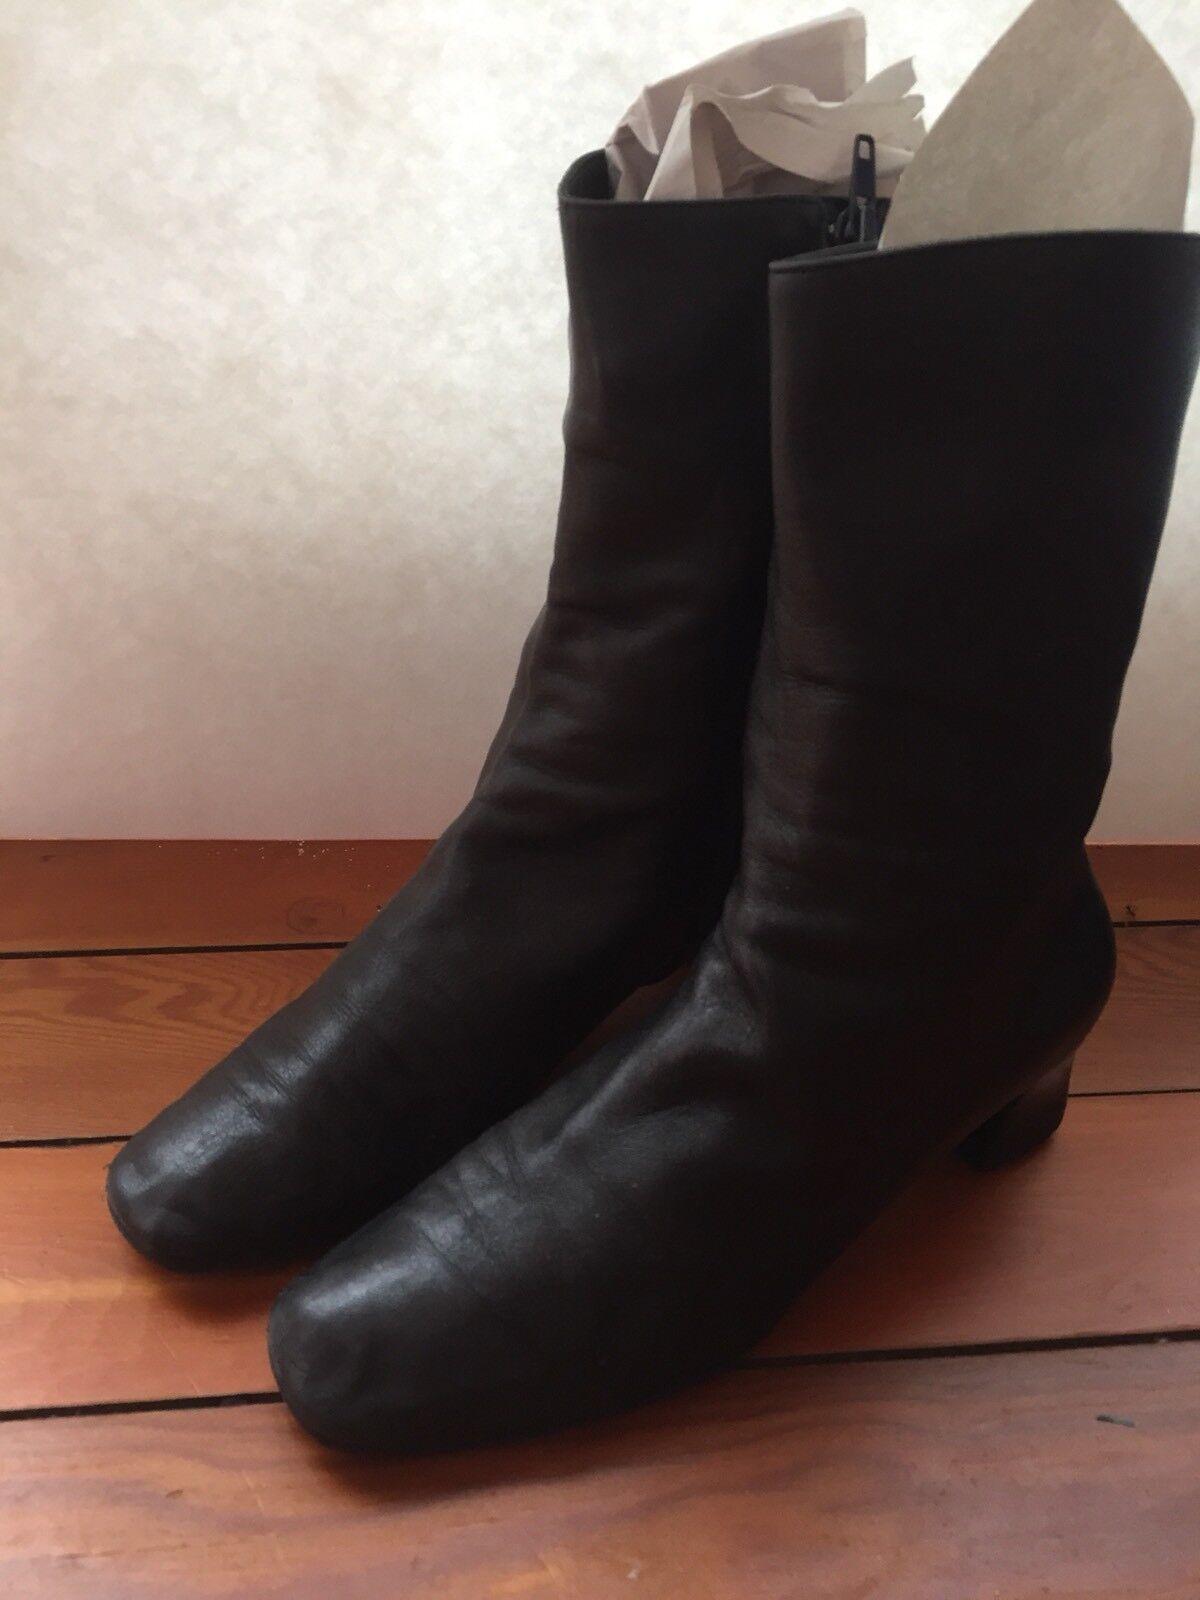 i nuovi marchi outlet online Rene Rene Rene Mancini Soft Leather avvioies Dimensione 7.5  trova il tuo preferito qui